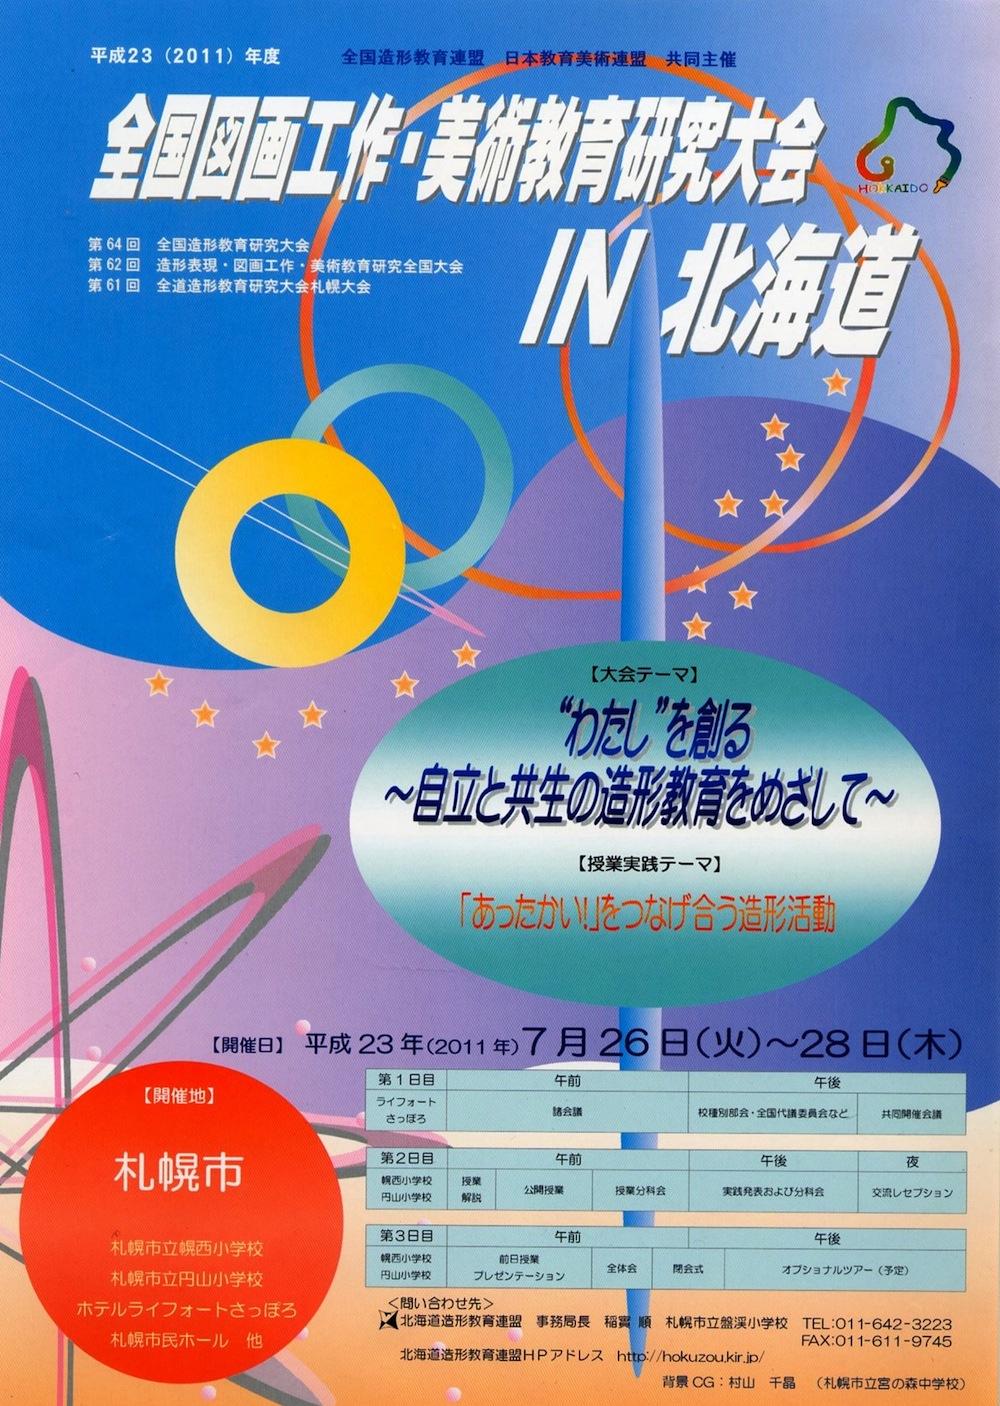 2011年7月26日 全国図画工作・美術教育研究大会 in 北海道_b0068572_12491067.jpg